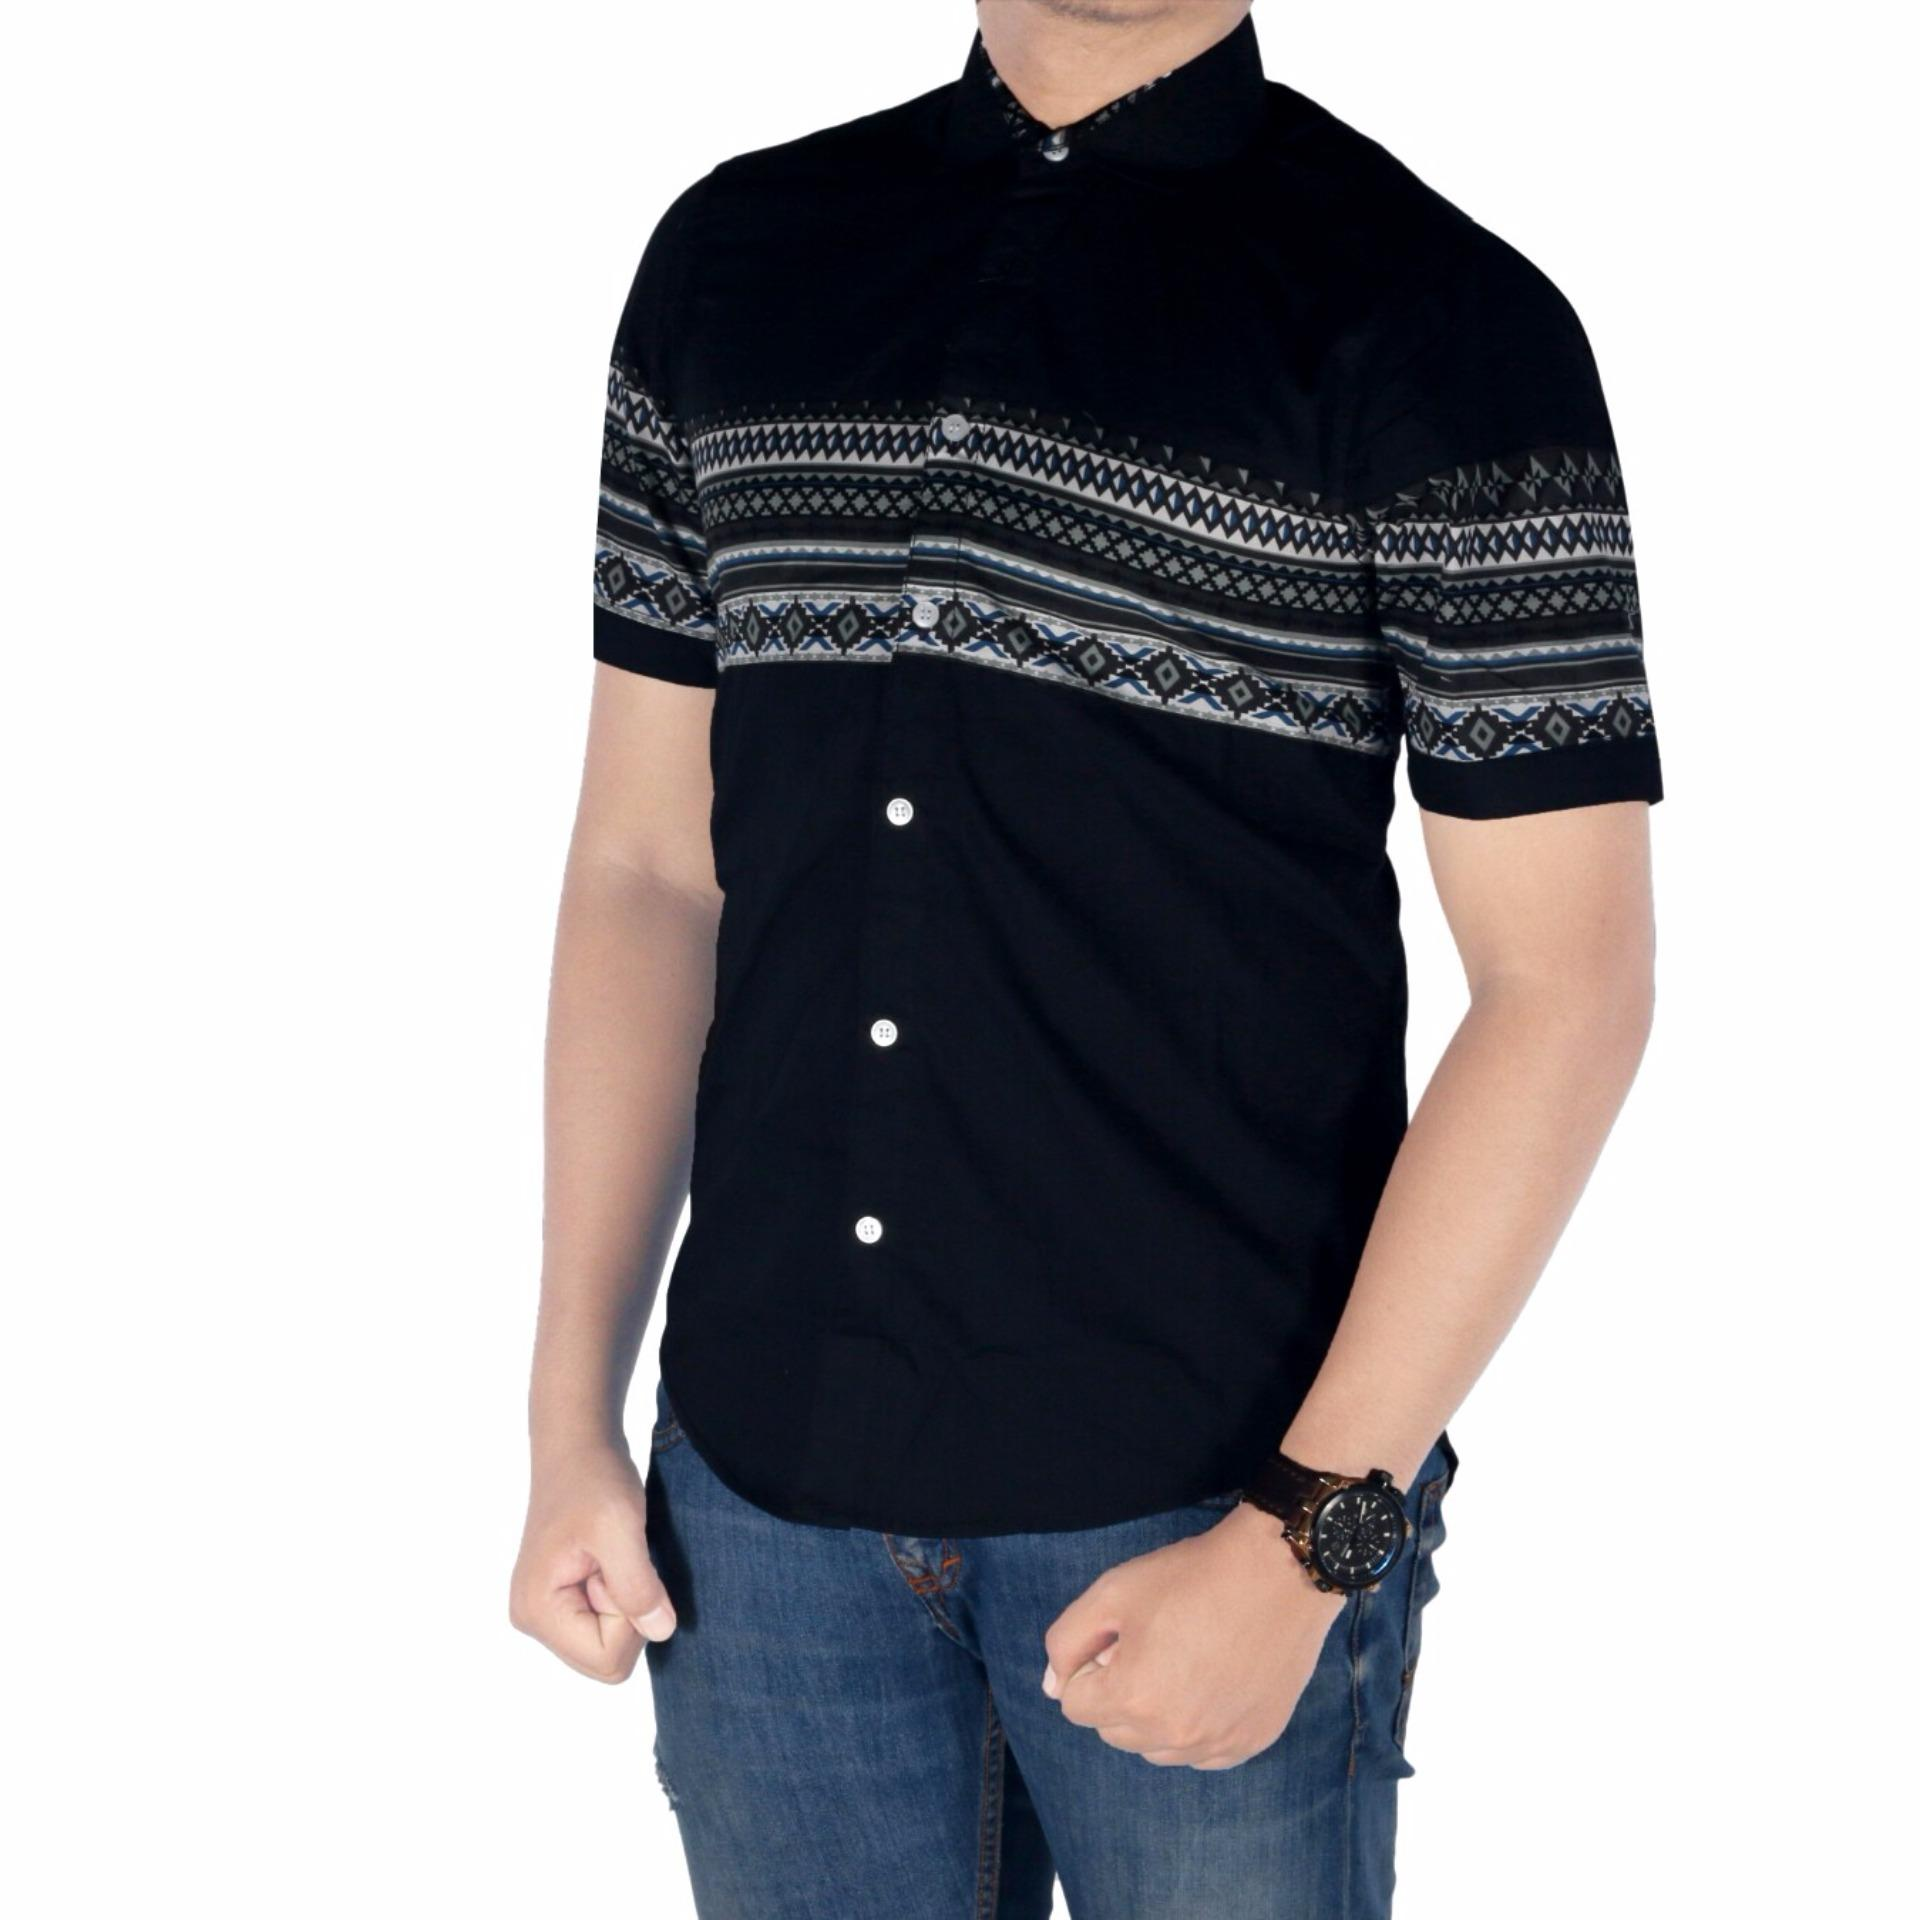 Batik Kemeja Pria Lengan Pendek Hitam Daftar Harga Terkini Dan Kombinasi Katun Putih Sht 791 Dgm Fashion1 Tribal Panjang Flanel